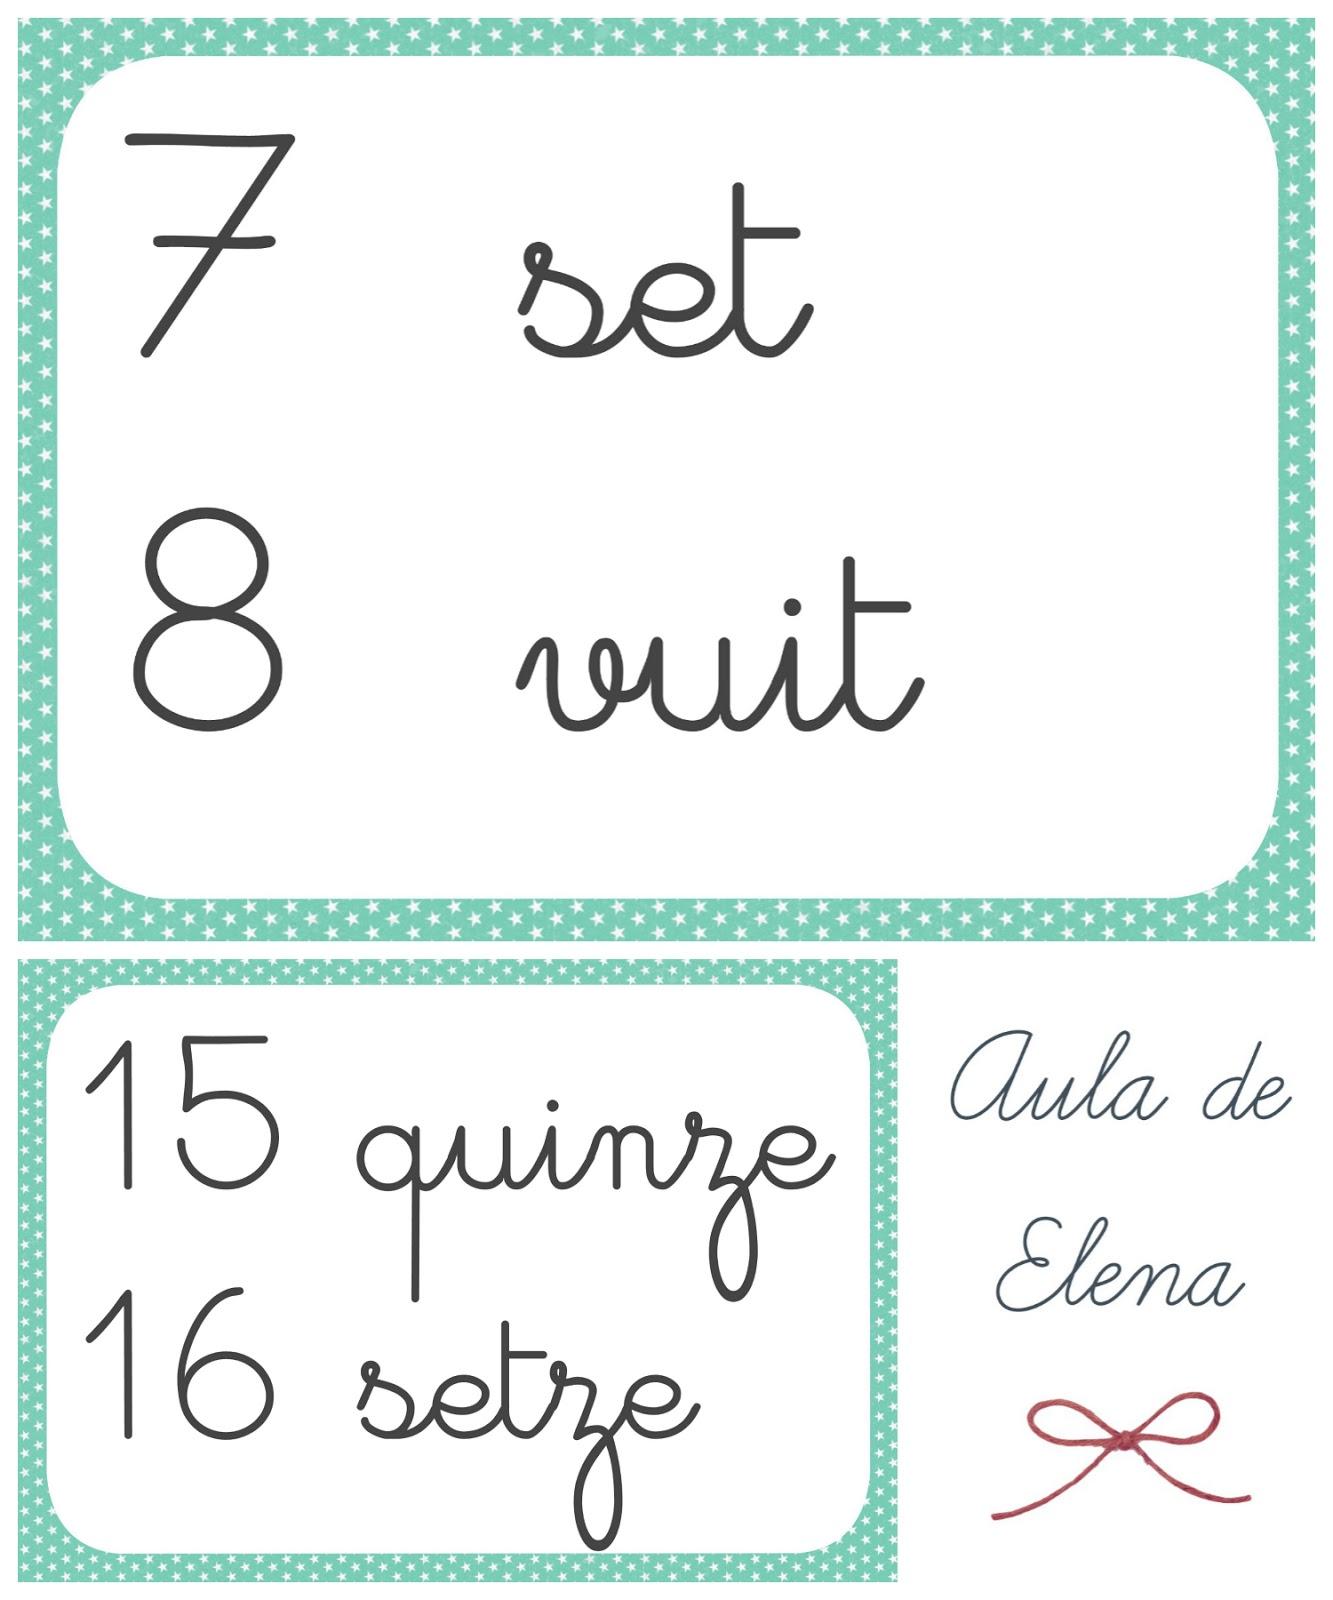 Números Y Etiquetas Para El Aula Aula De Elena